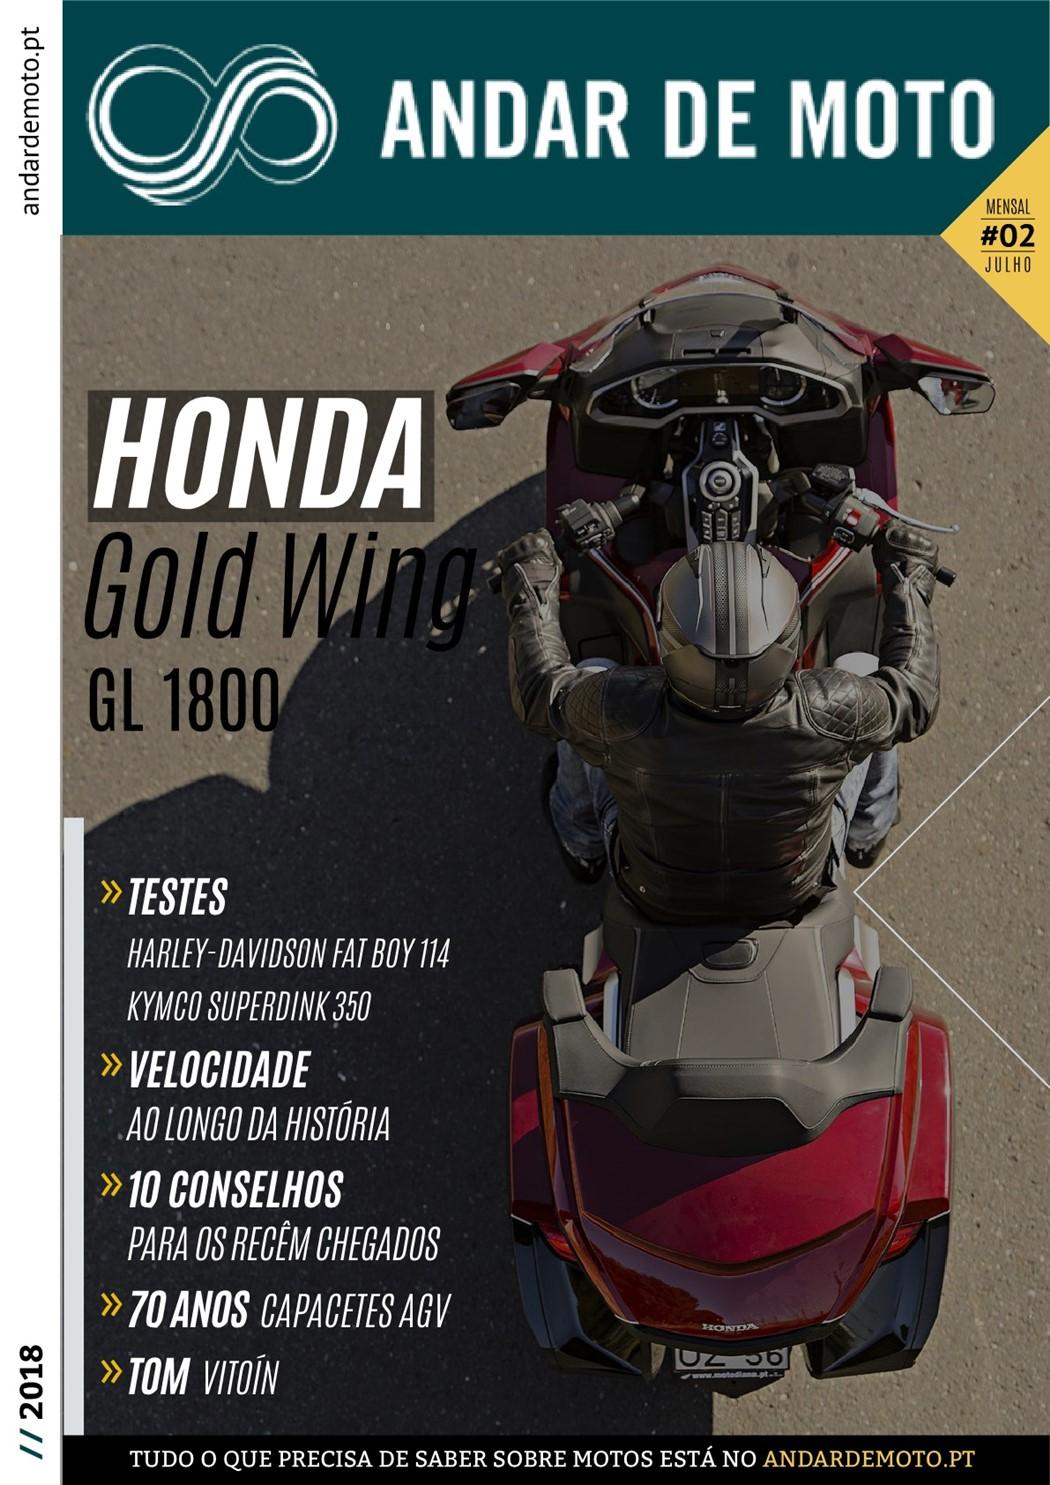 [Revista digital] Andar de Moto 055xghibkiom24bmsfvilbkfuy2